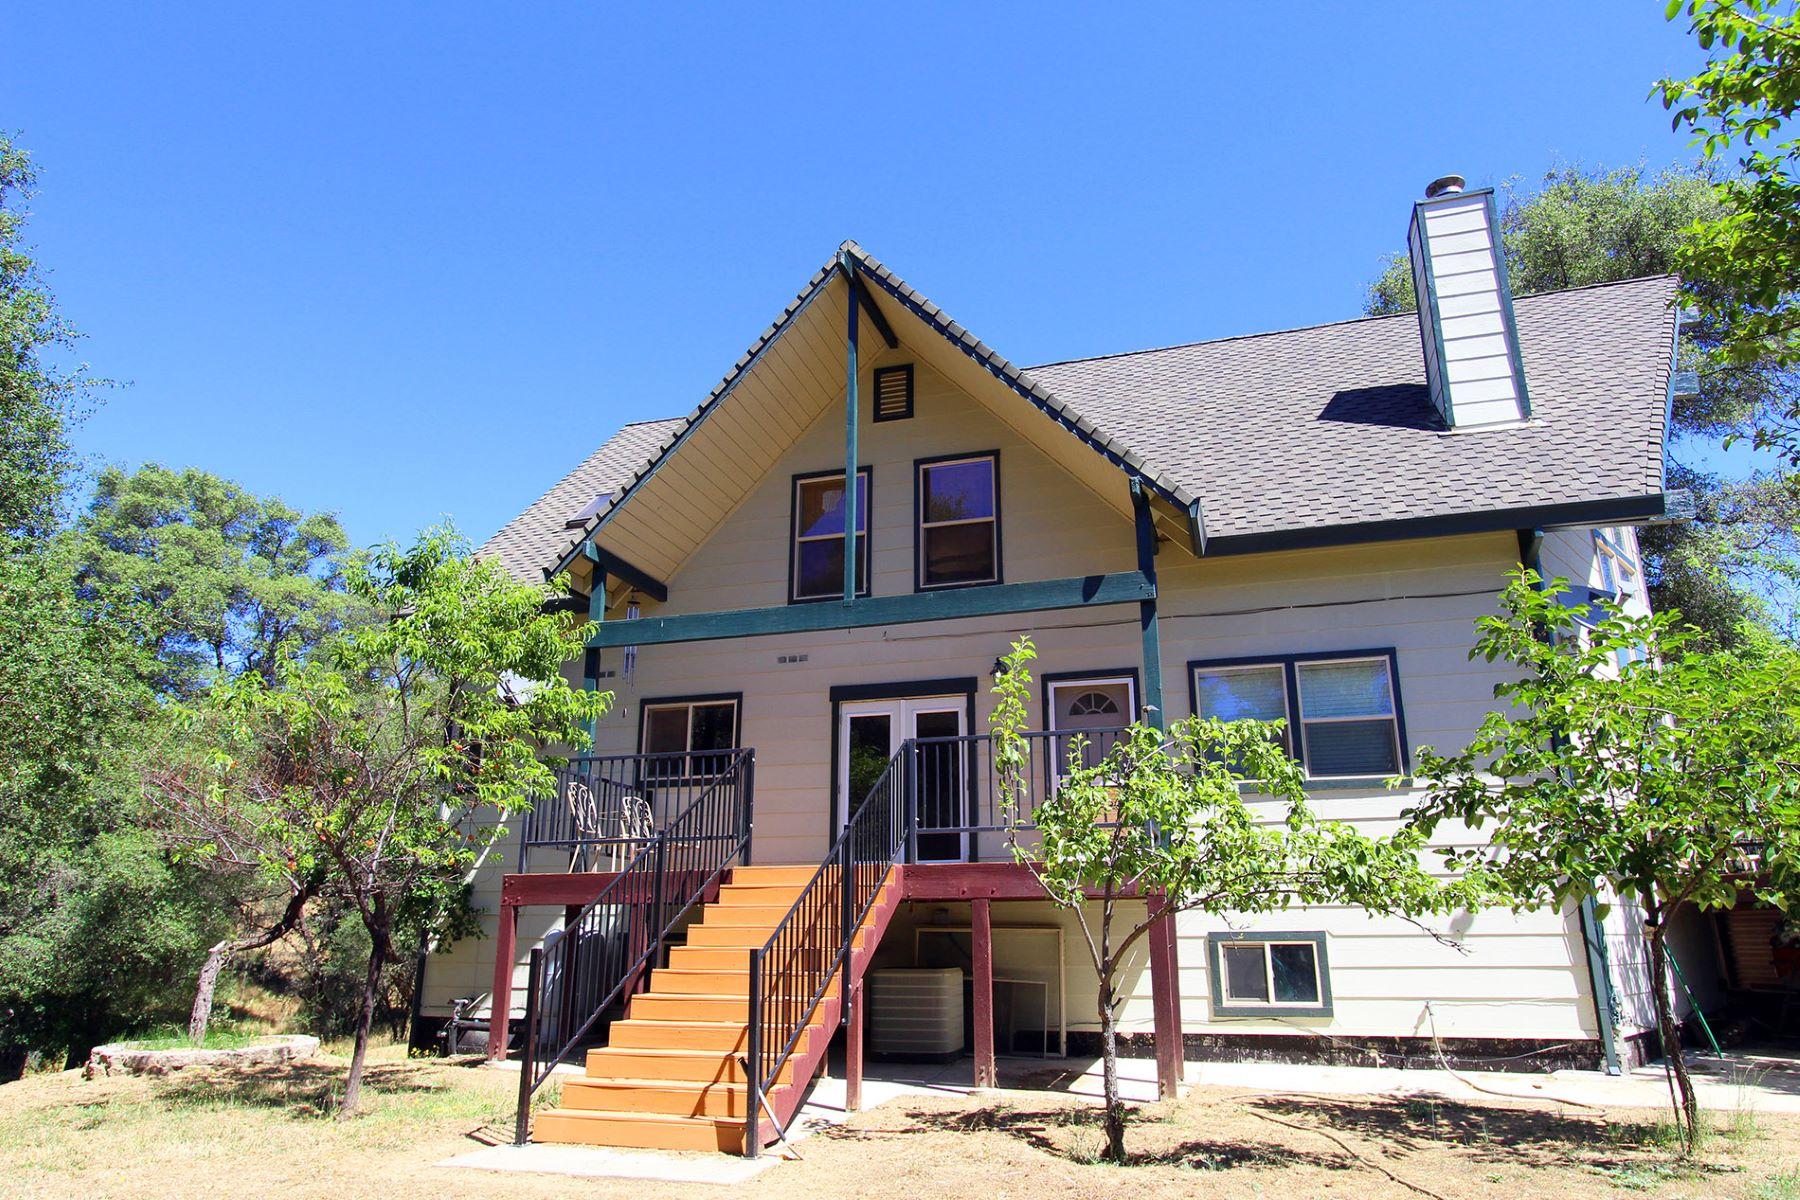 一戸建て のために 売買 アット 7580 Dorado Canyon Road Somerset, カリフォルニア 95684 アメリカ合衆国